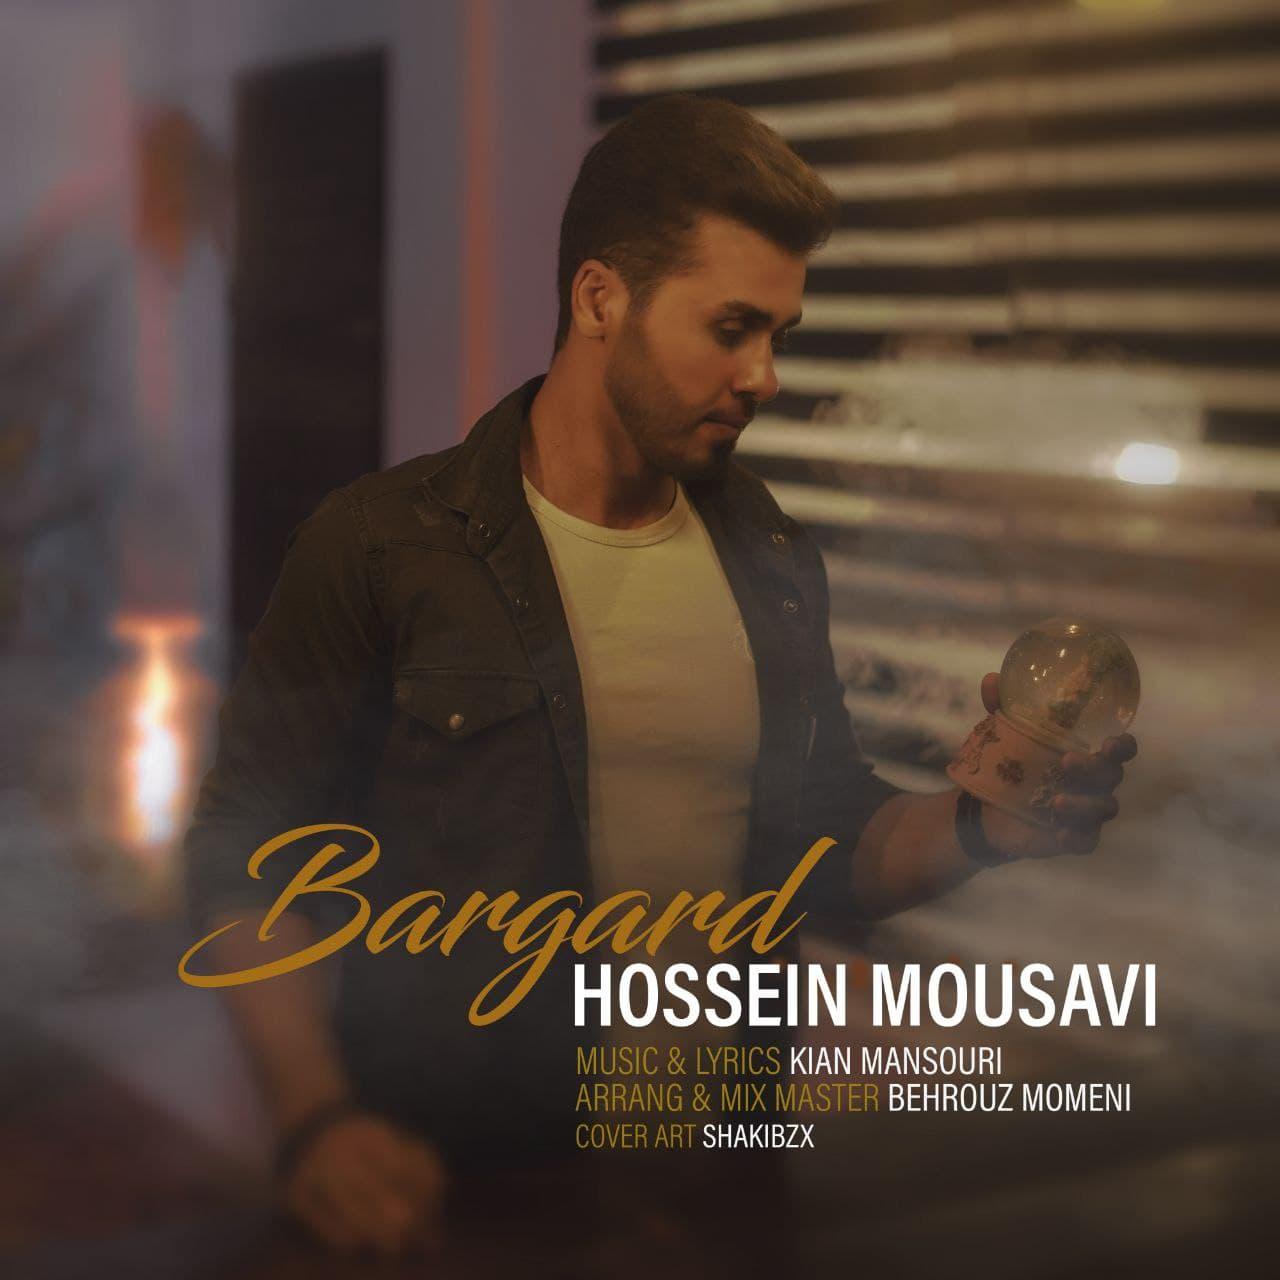 دانلود آهنگ برگرد حسین موسوی